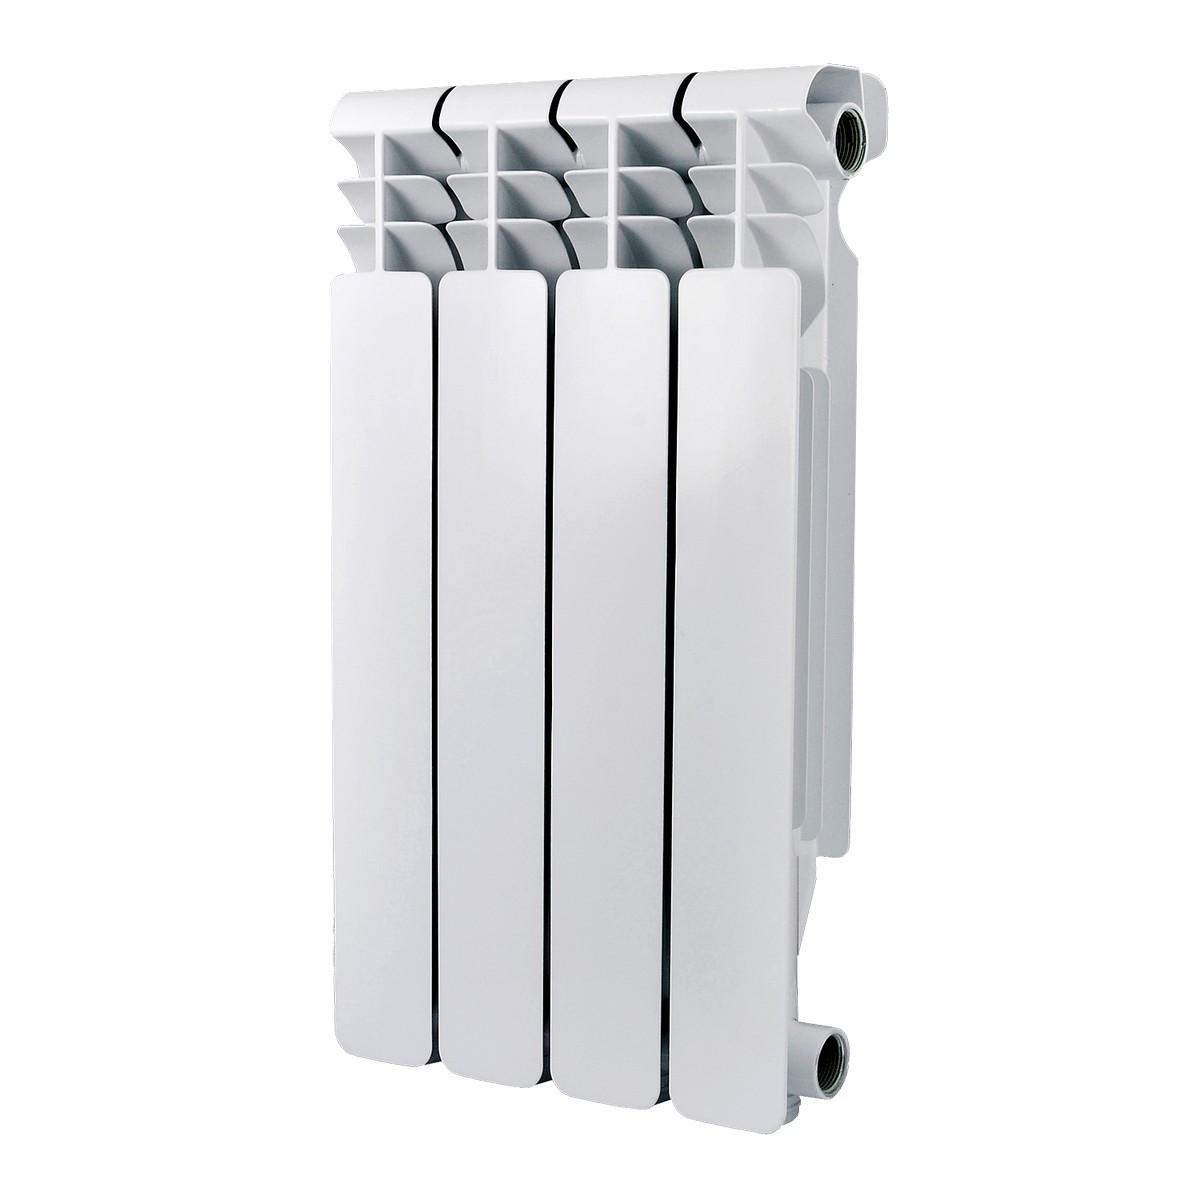 Радиатор алюминий Classic 200 9 секций 1,152кВт Ogint 117-6000